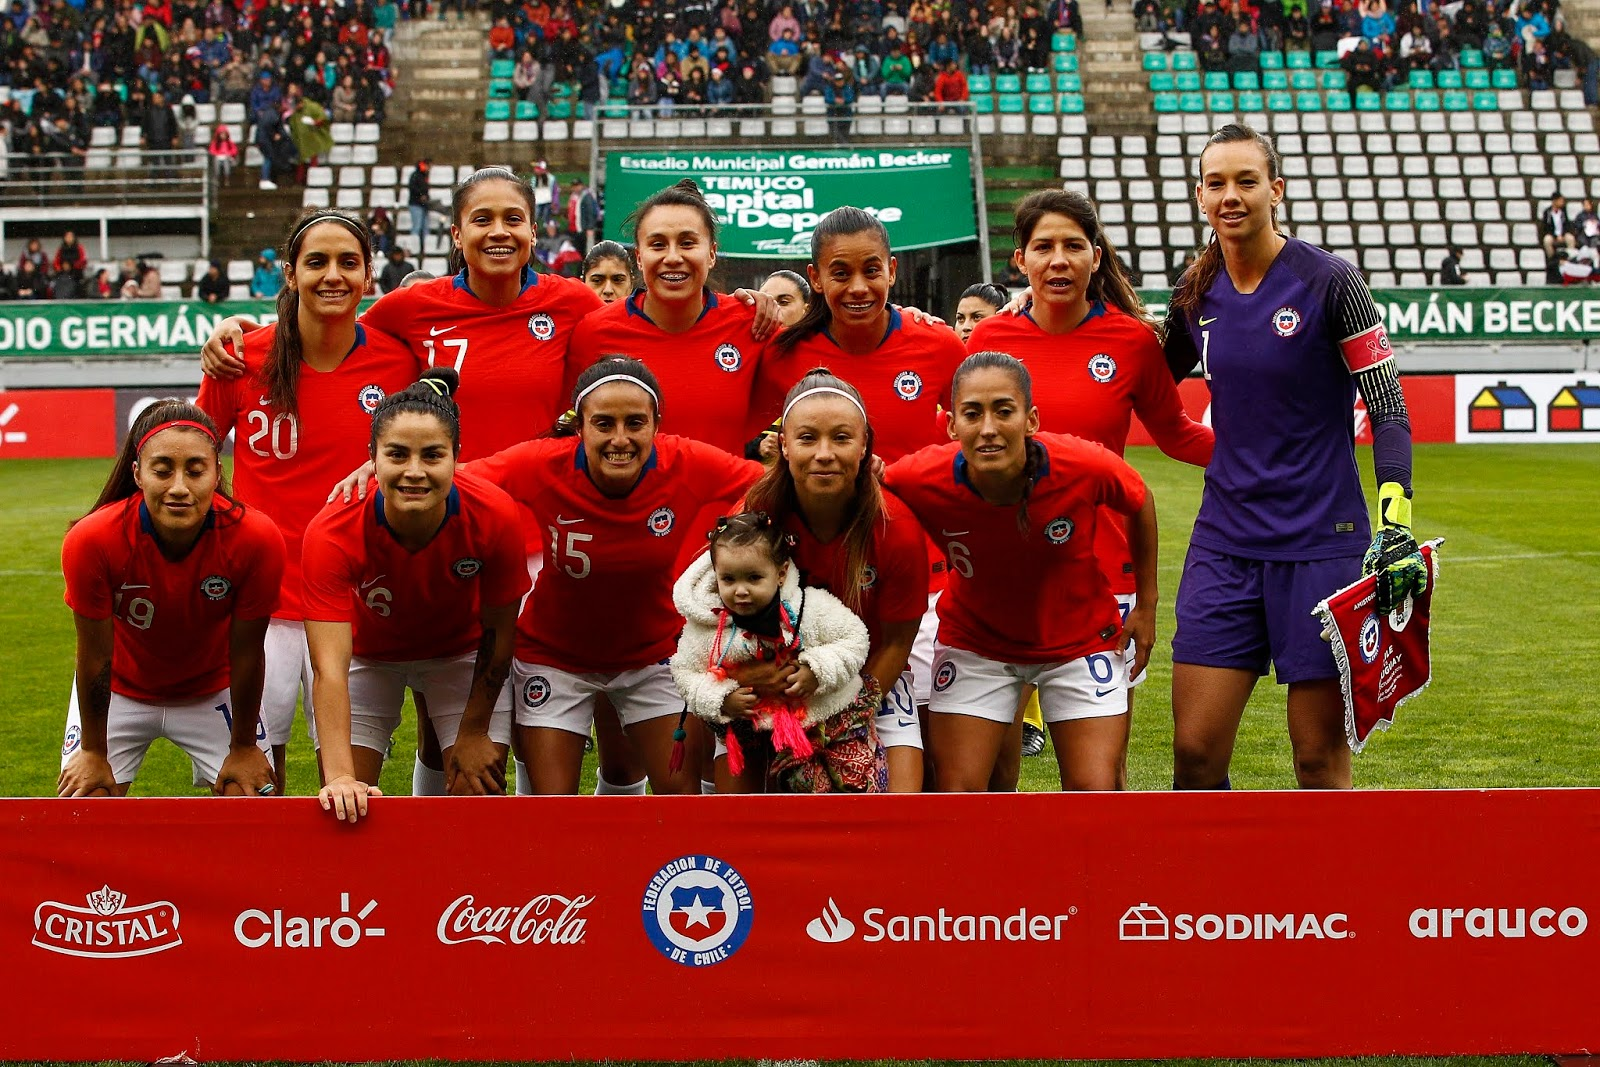 Formación de selección femenina de Chile ante Uruguay, amistoso disputado el 6 de octubre de 2019